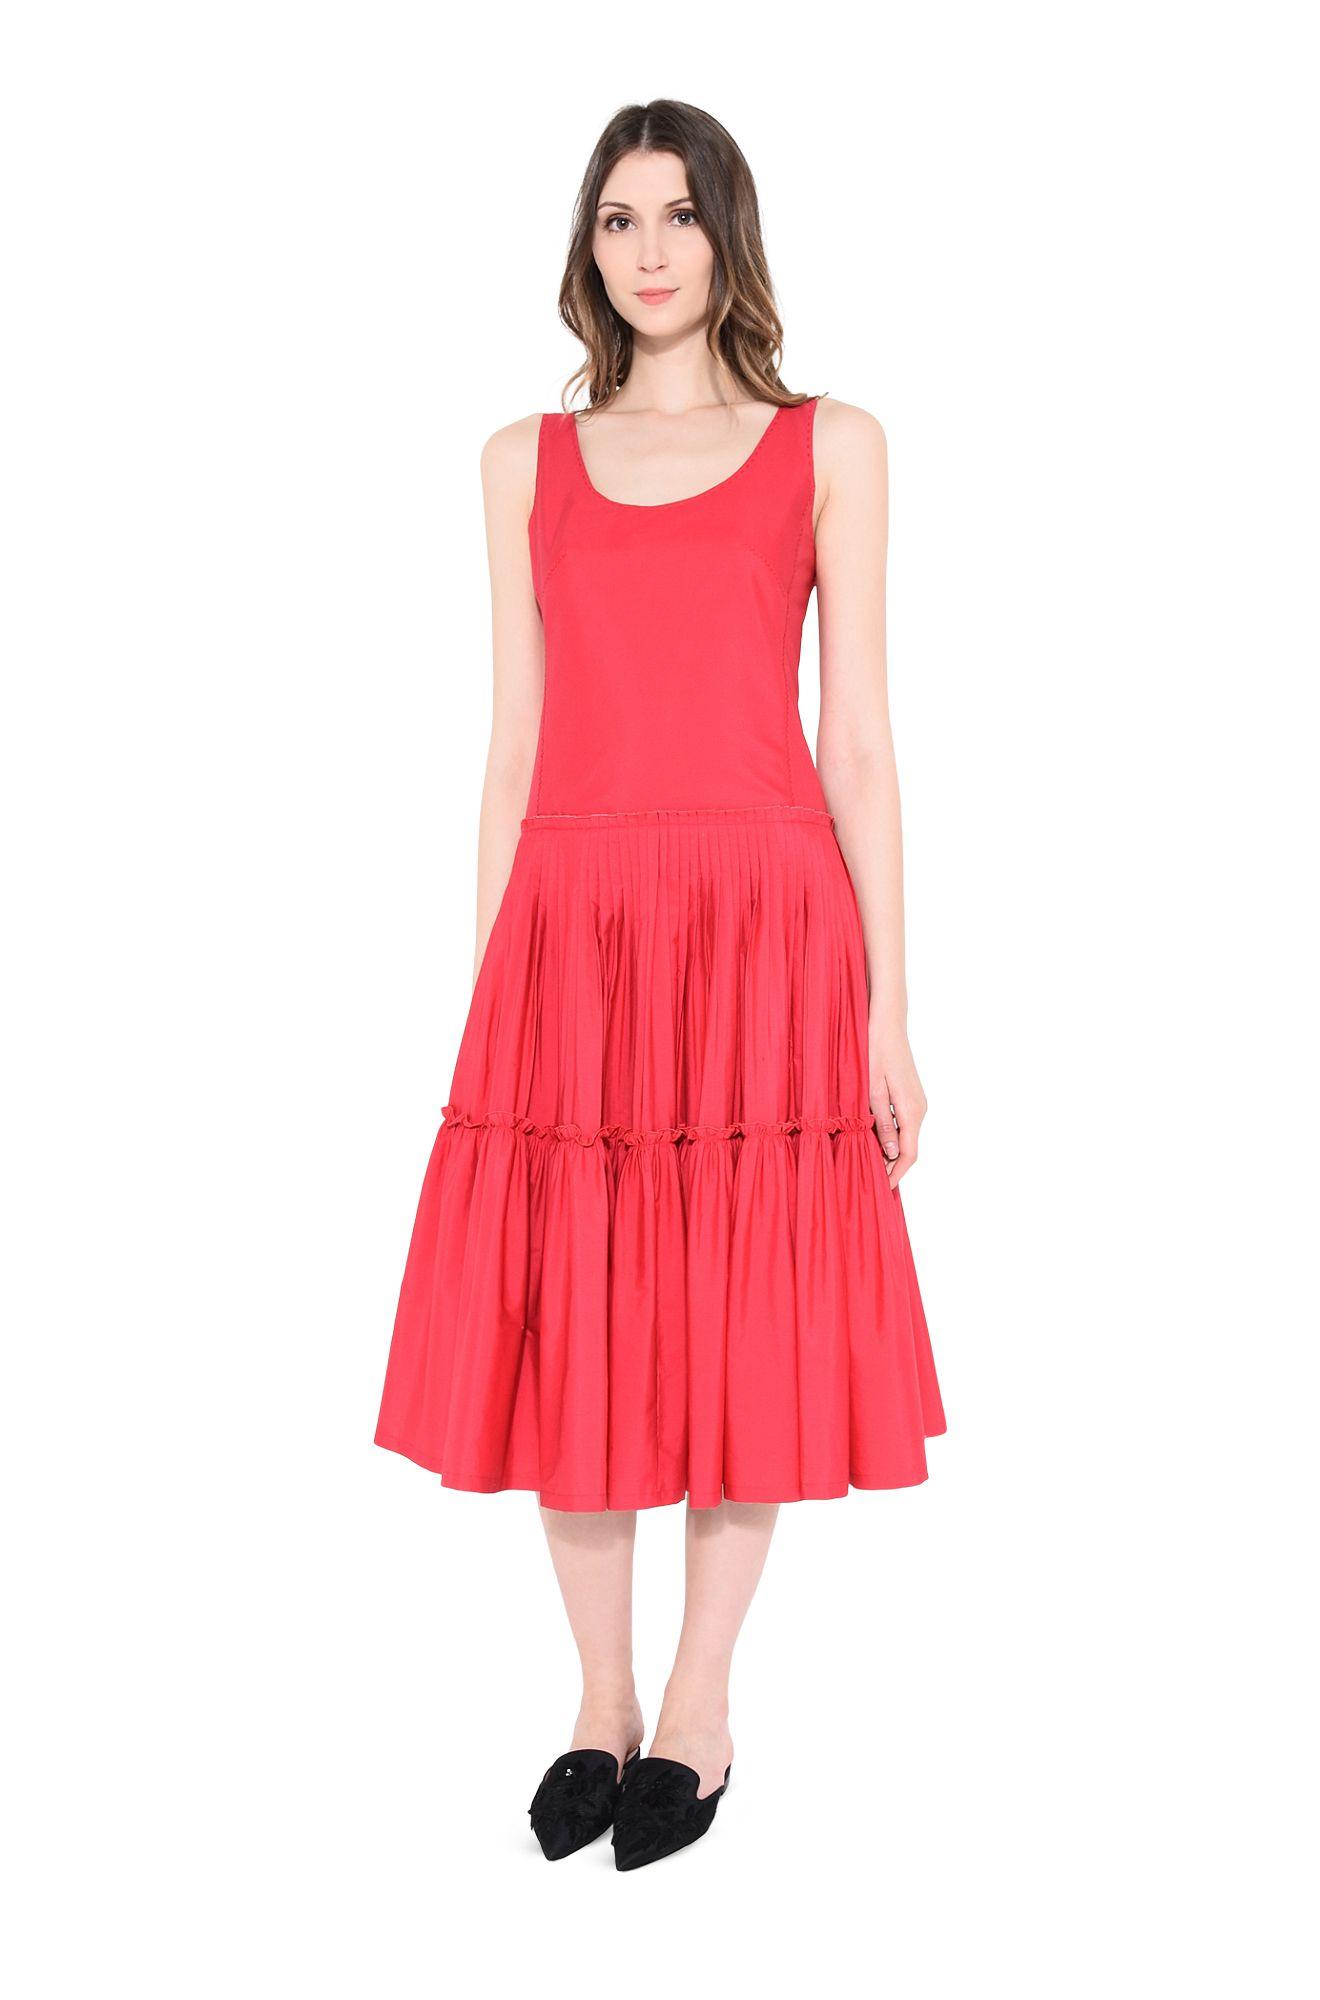 LADY VEST DRESS